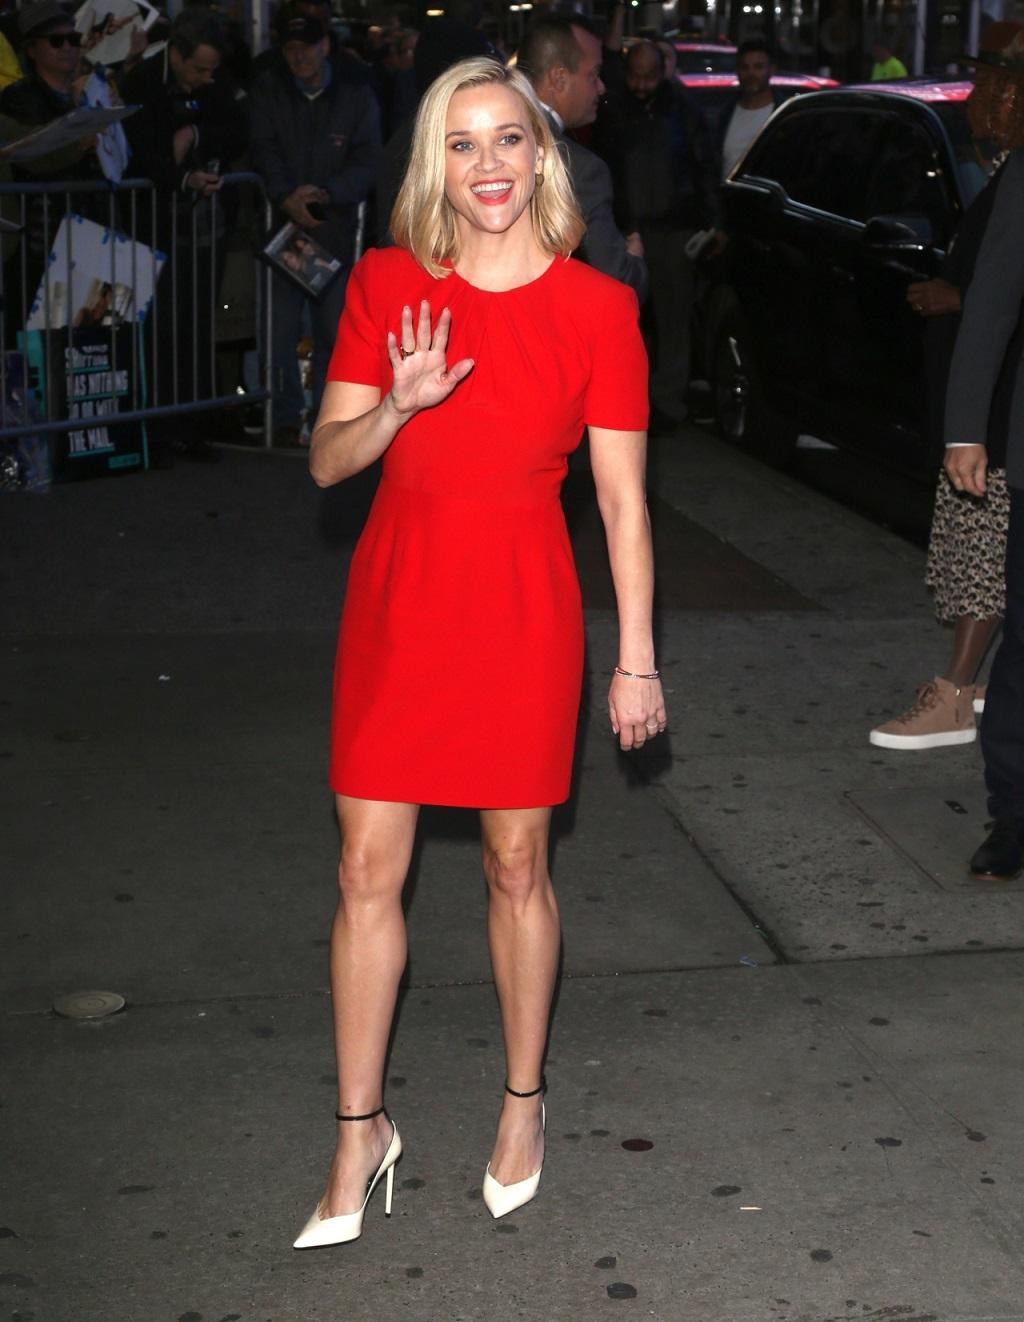 Reese Witherspoon w czerwonej sukience na premierze filmu.